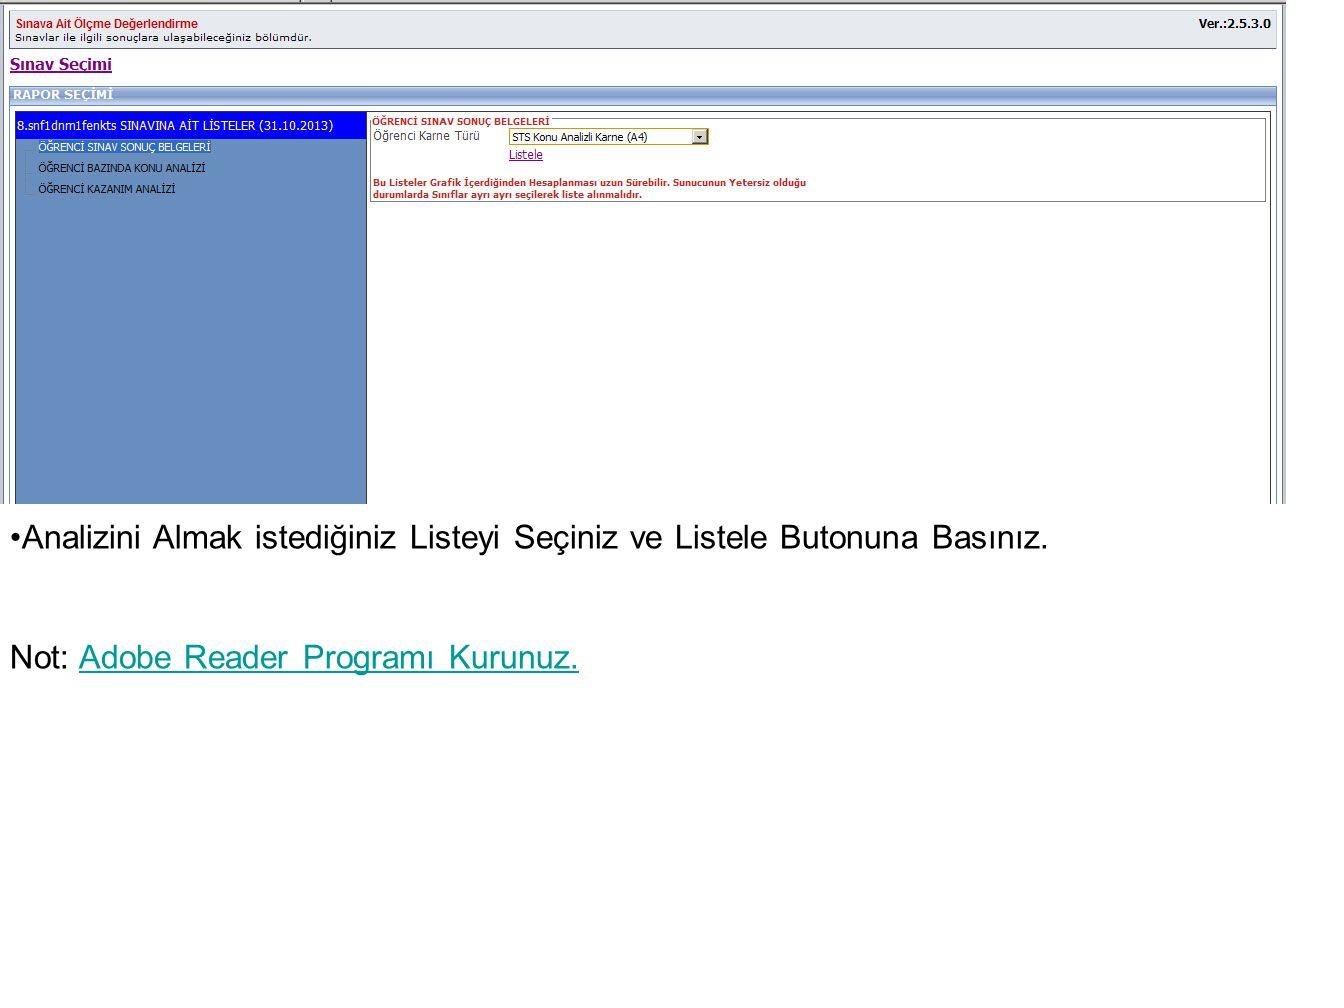 •Analizini Almak istediğiniz Listeyi Seçiniz ve Listele Butonuna Basınız. Not: Adobe Reader Programı Kurunuz.Adobe Reader Programı Kurunuz.